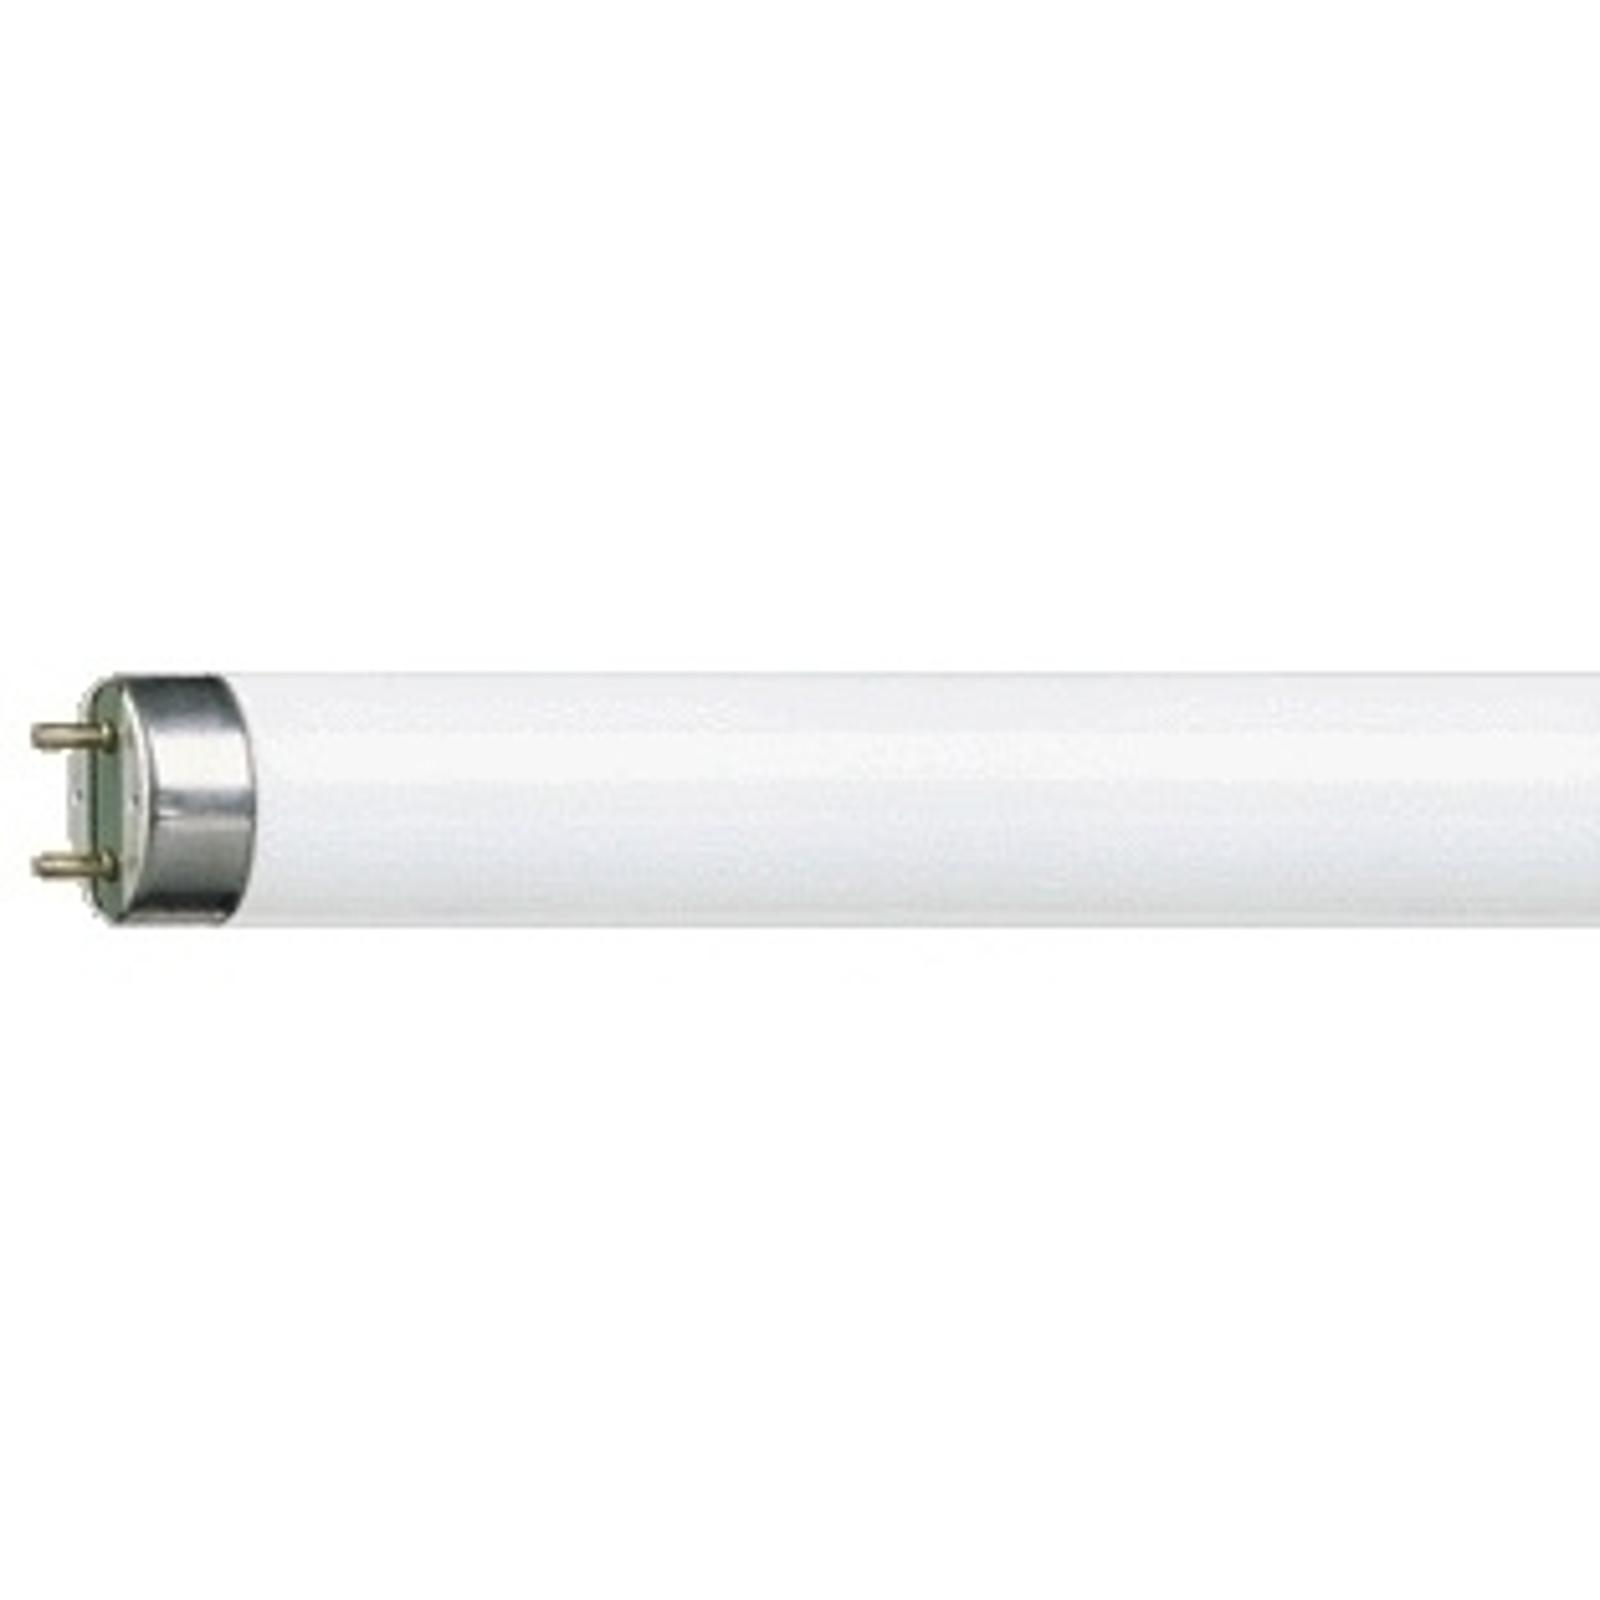 Leuchtstoffröhre G13 T8 58W MASTER TL-D Super 830